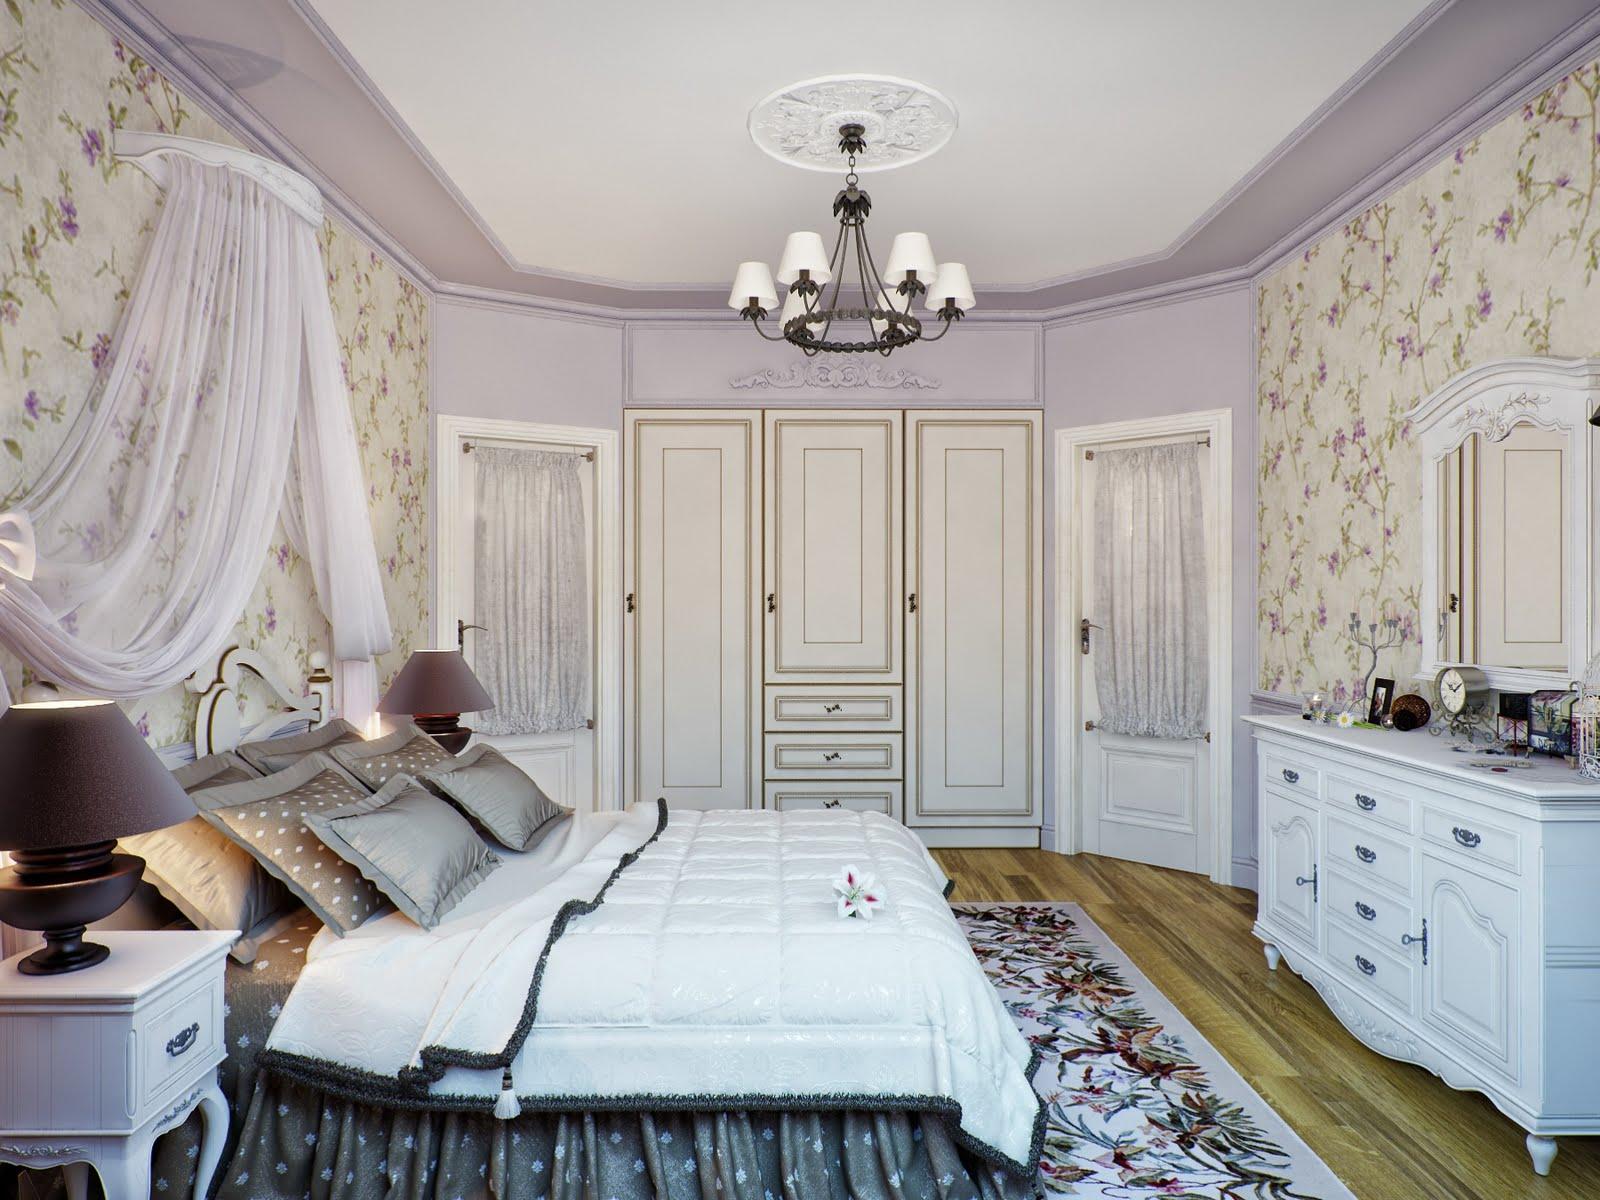 Спальня в стиле прованс в бело-сиреневых тонах